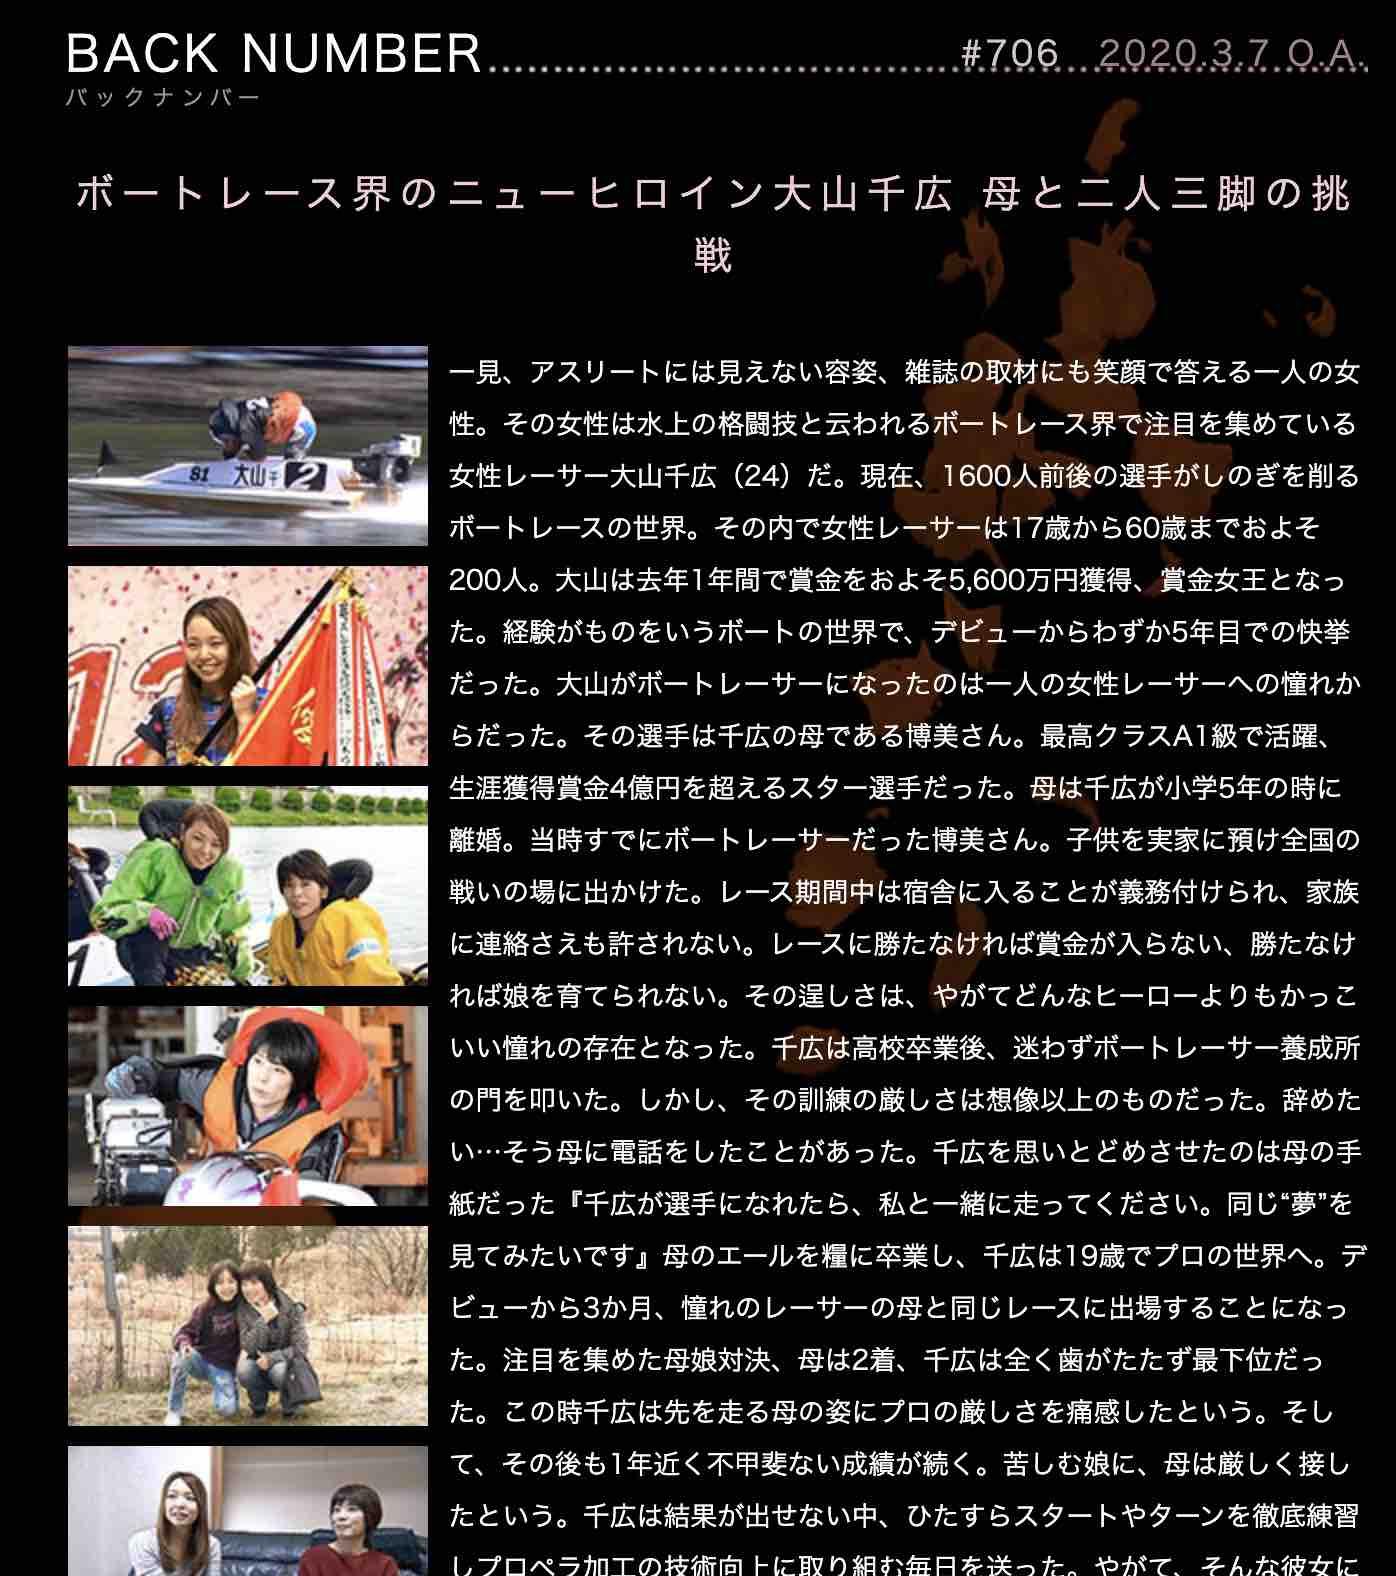 競艇ボートレーサー大山千広が出演したTBSバースデイのバックナンバーの記事